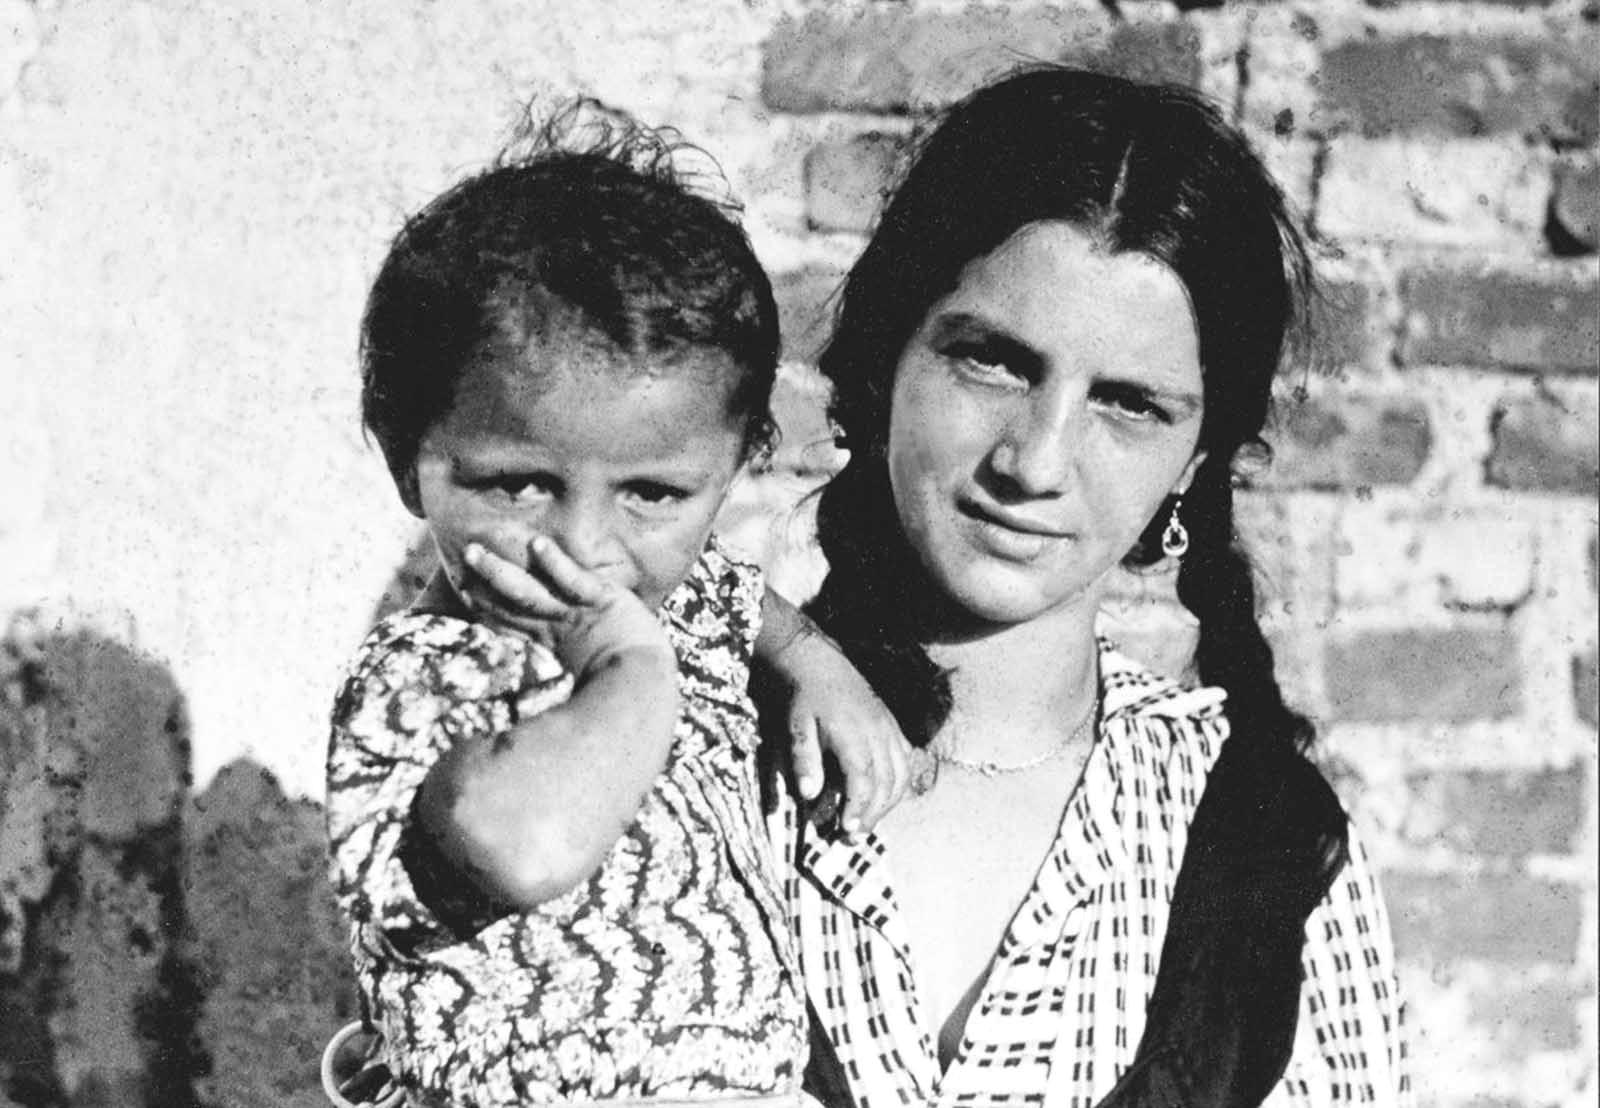 """Според постановлението всички цигани, включително и хората над 6-годишна възраст, които """"се скитат насам-натам като цигани"""" трябва да бъдат регистрирани. Според историците по време на нацисткия режим са убити около 25 процента от европейските роми – приблизително 220000 души. Прочетете цялата исторя тук: <a href=""""https://www.vesti.bg/lyubopitno/istoriata-pomni/deportiraneto-na-romite-v-nacistka-germaniia-6083982"""">Депортирането на ромите в нацистка Германия</a>"""